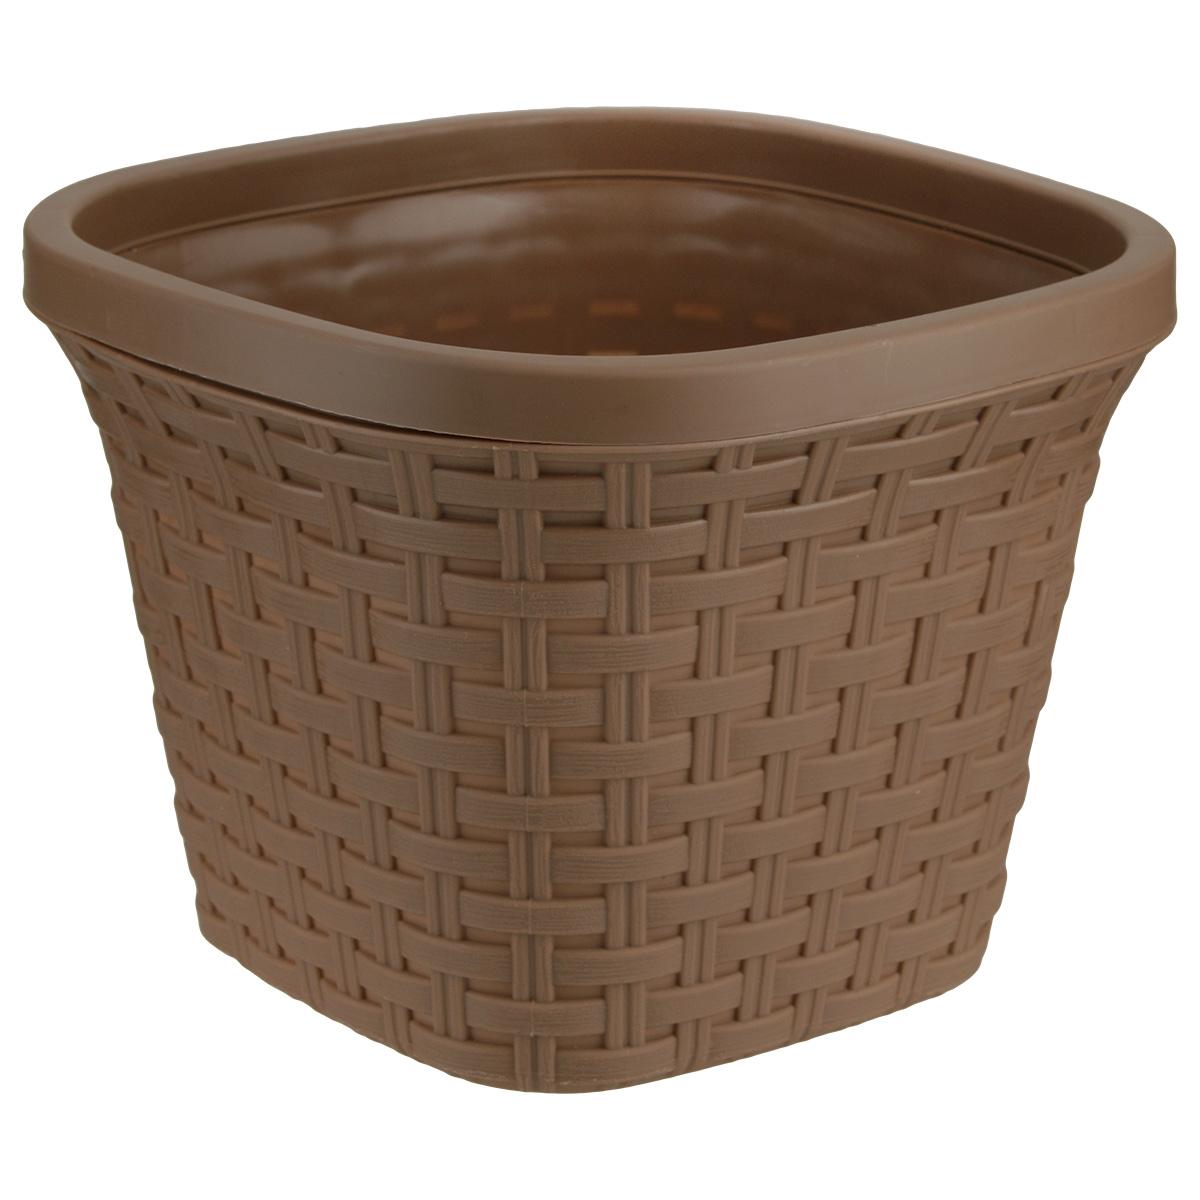 Кашпо квадратное Violet Ротанг, с дренажной системой, цвет: какао, 3,8 л33380/17Квадратное кашпо Violet Ротанг изготовлено из высококачественного пластика и оснащено дренажной системой для быстрого отведения избытка воды при поливе. Изделие прекрасно подходит для выращивания растений и цветов в домашних условиях. Лаконичный дизайн впишется в интерьер любого помещения.Объем: 3,8 л.